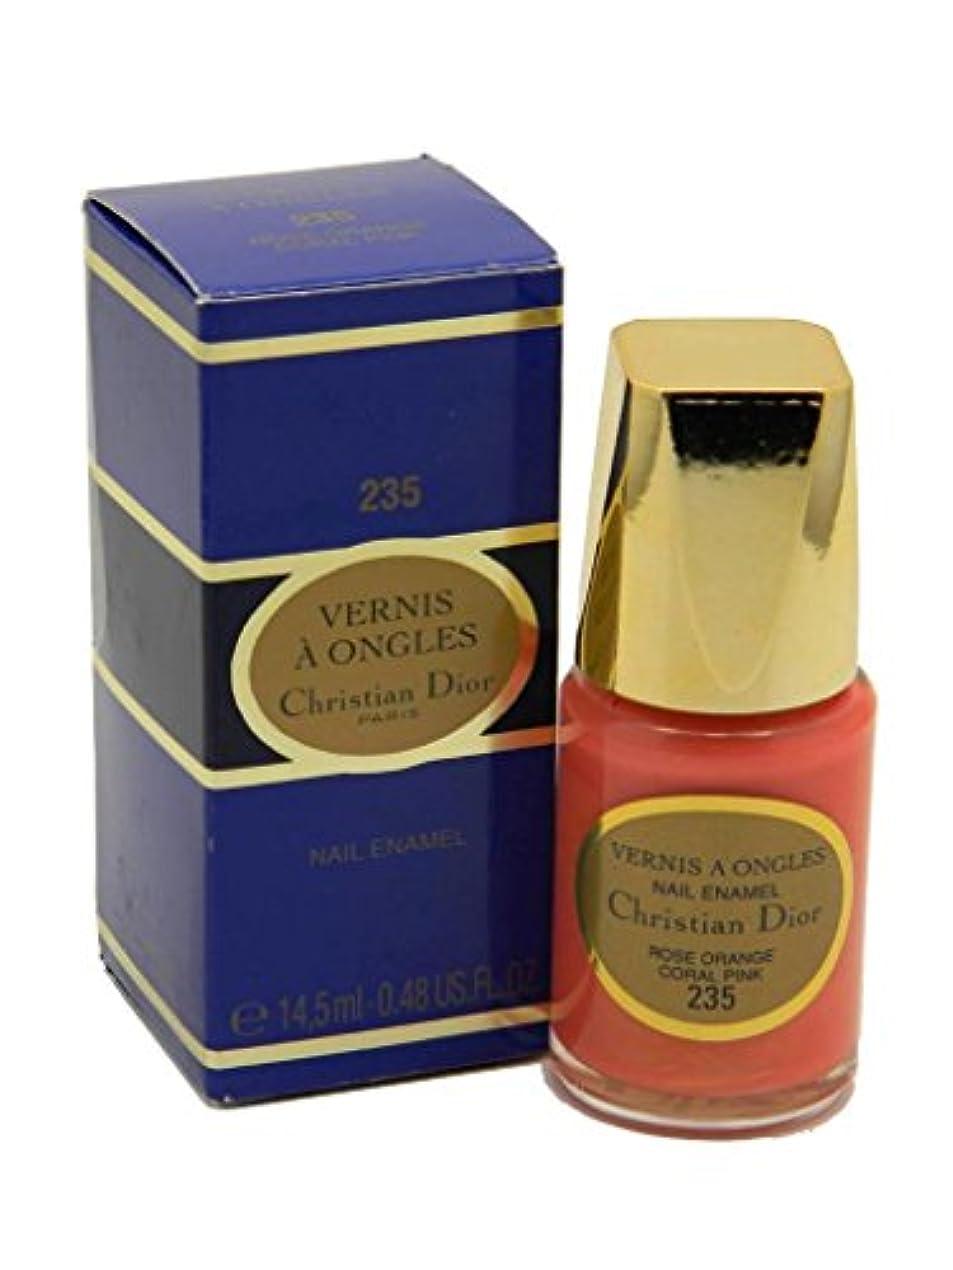 苦クレーター攻撃的Dior Vernis A Ongles Nail Enamel Polish 235 Coral Pink(ディオール ヴェルニ ア オングル ネイルエナメル ポリッシュ 235 コーラルピンク) [並行輸入品]